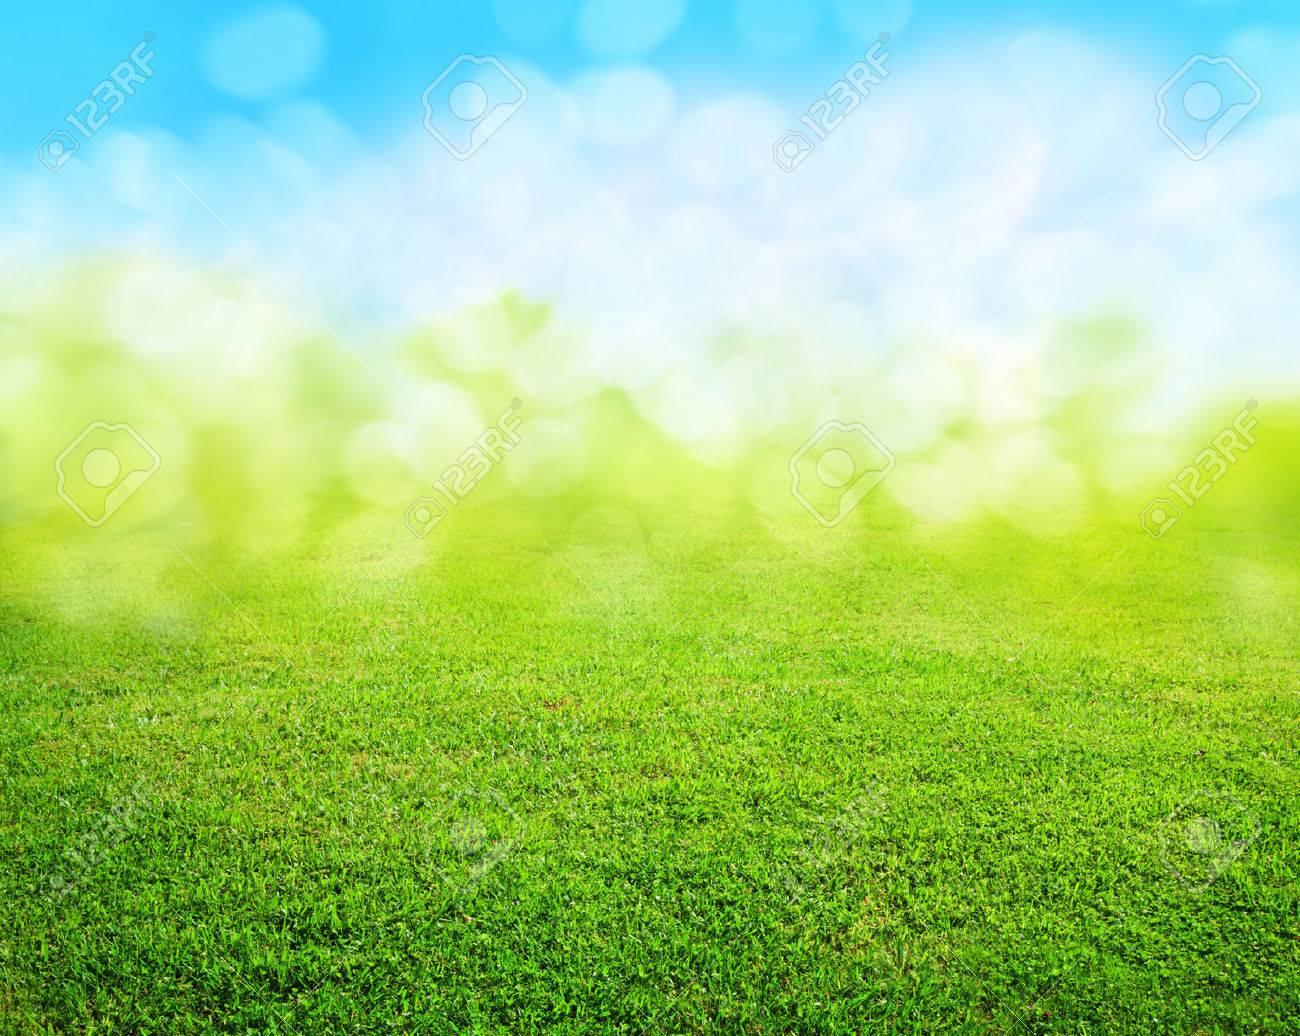 grass background - 47039727